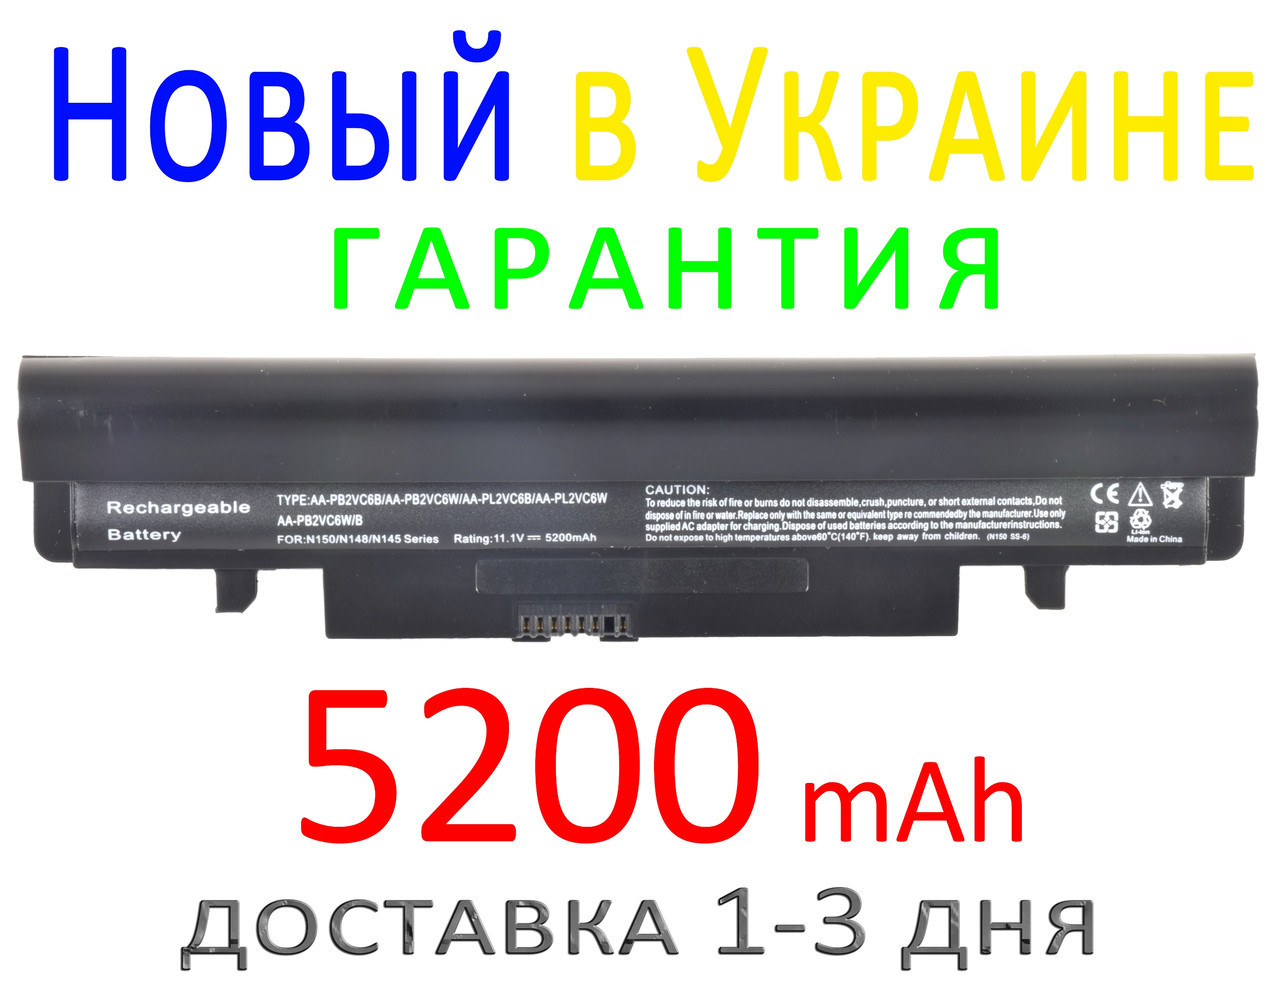 Аккумулятор батарея AA-PB2VC3W AA-PB2VC6B AA-PB3VC3B AA-PB3VC6B/E AA-P